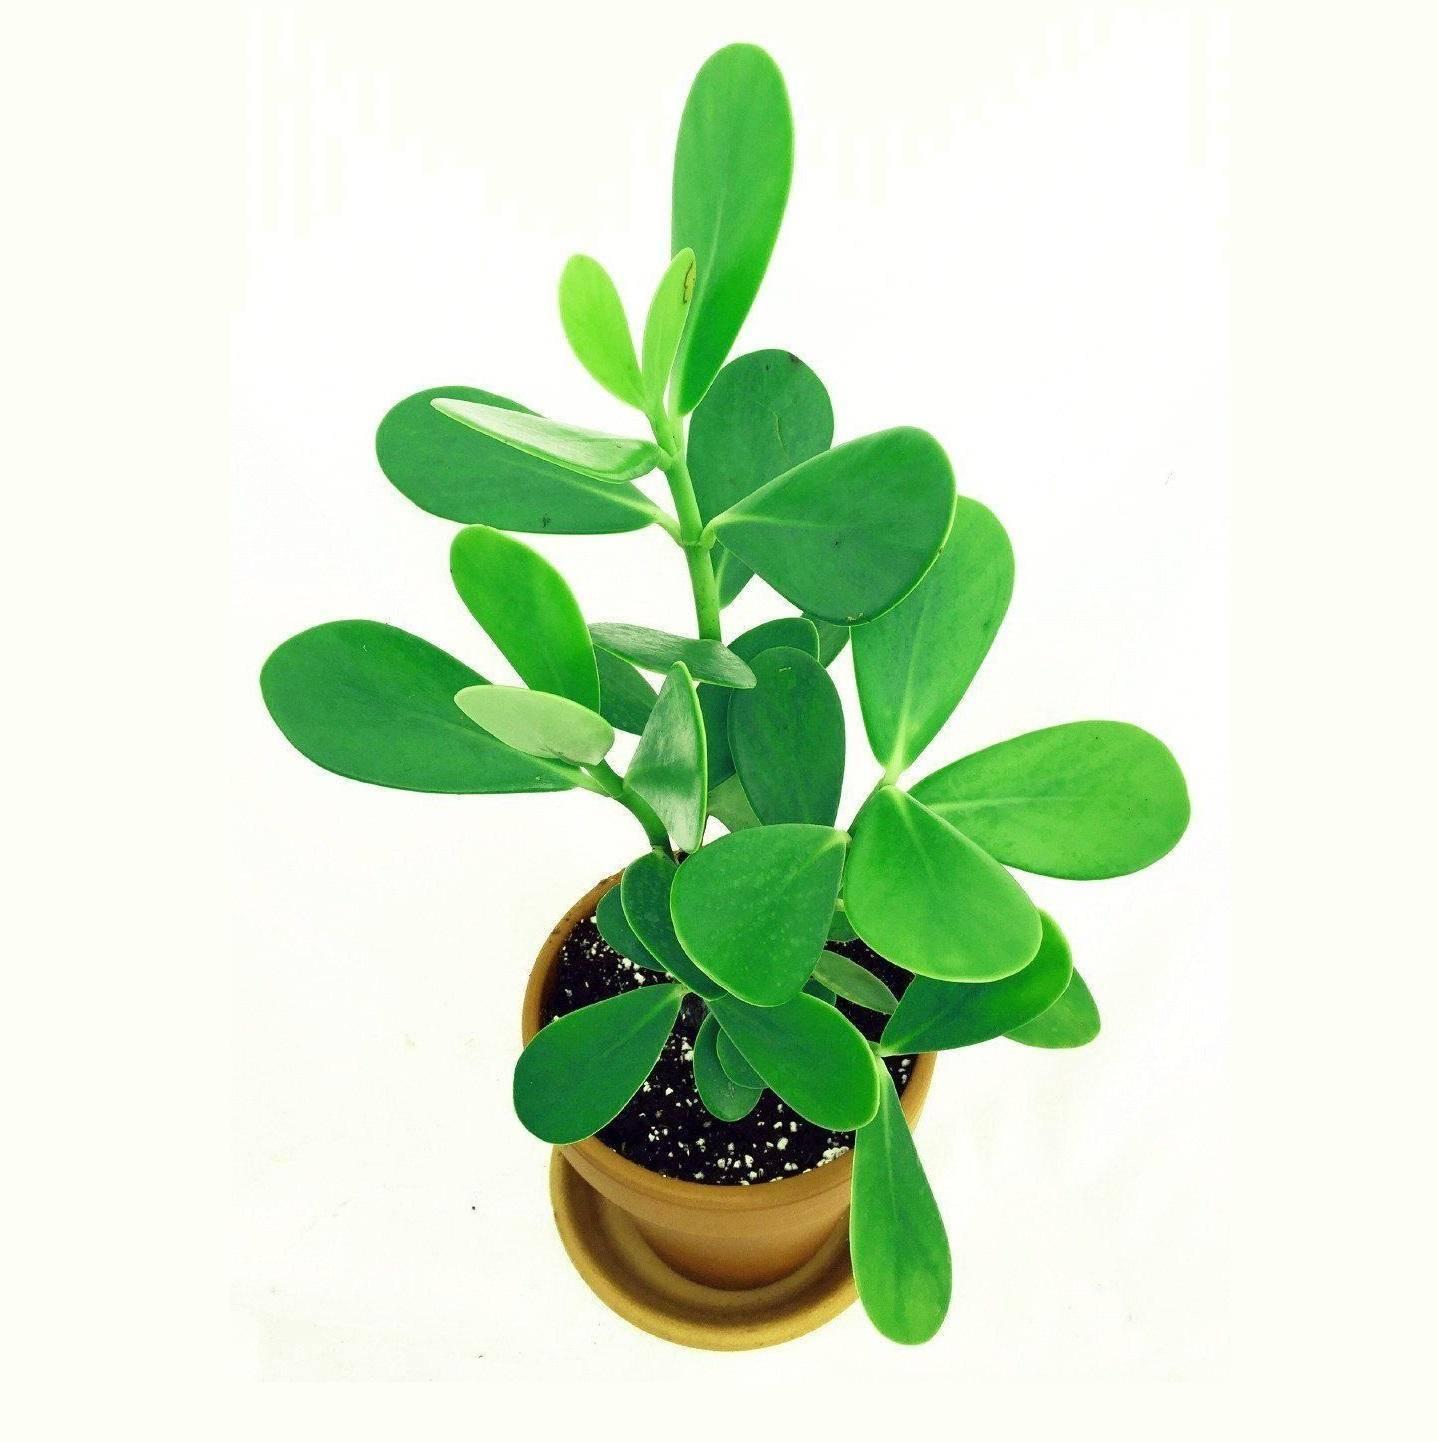 Правила посадки и ухода за цветком клузией в домашних условиях: как посадить, размножать